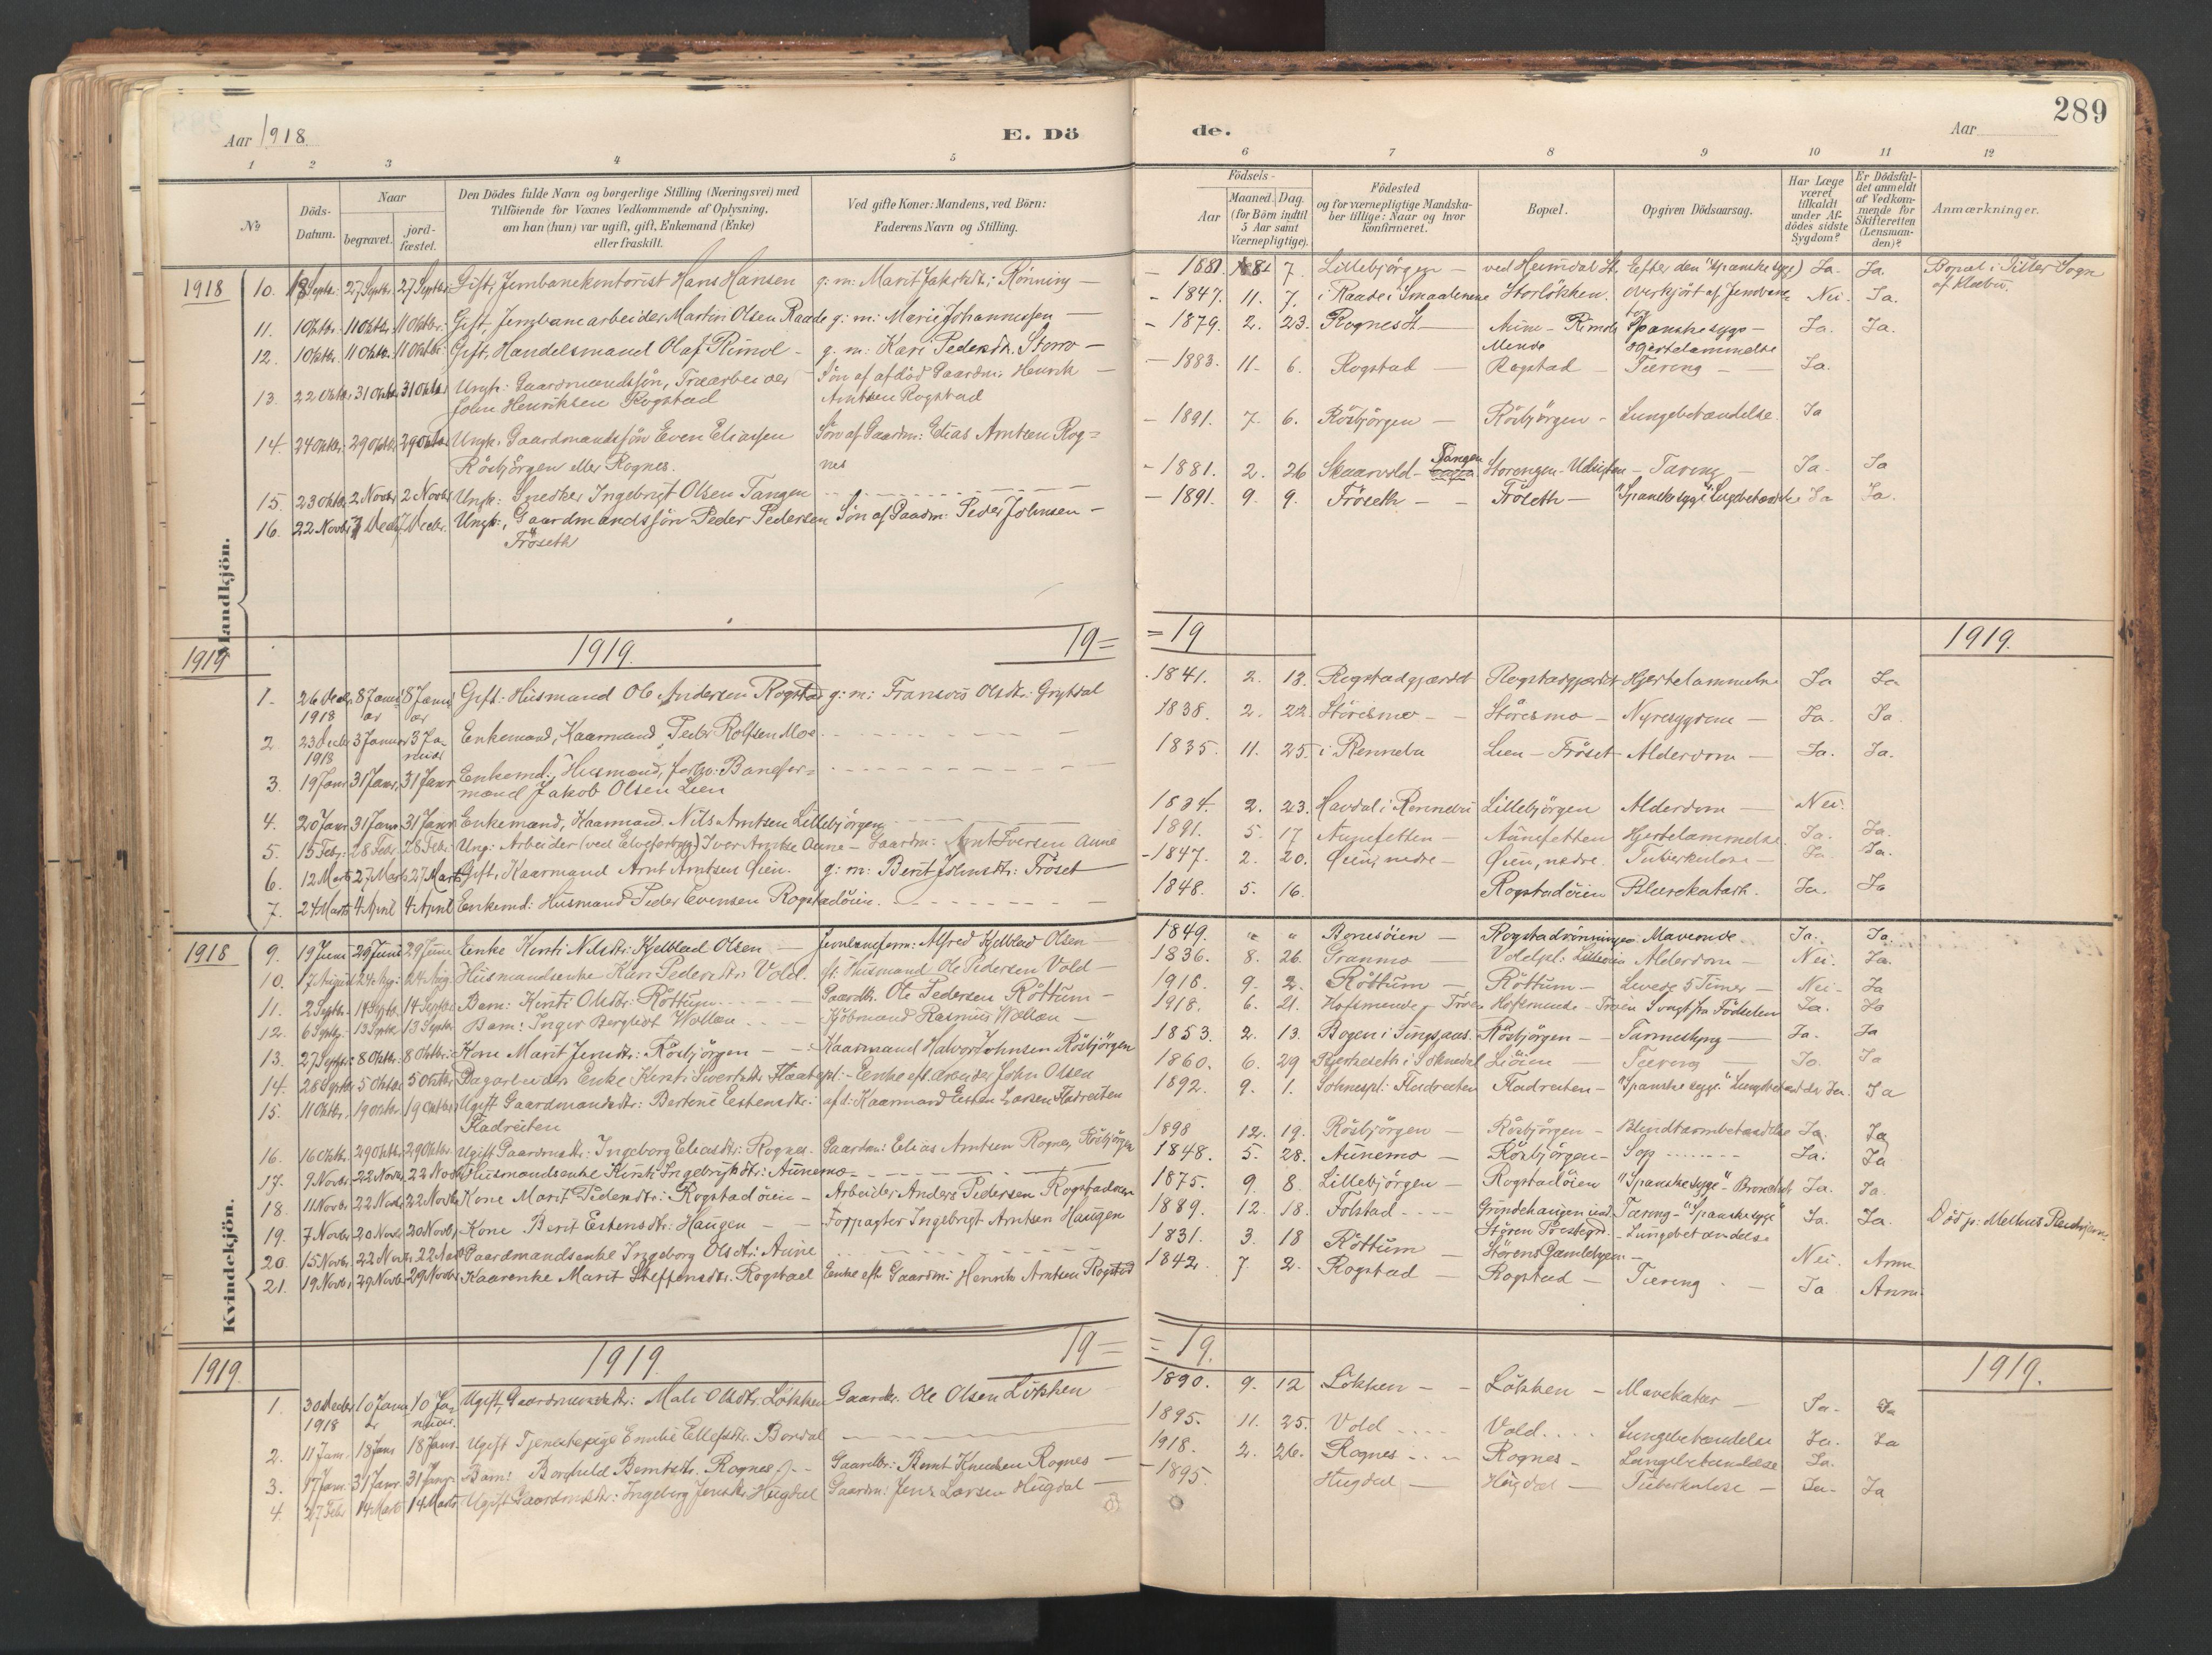 SAT, Ministerialprotokoller, klokkerbøker og fødselsregistre - Sør-Trøndelag, 687/L1004: Ministerialbok nr. 687A10, 1891-1923, s. 289